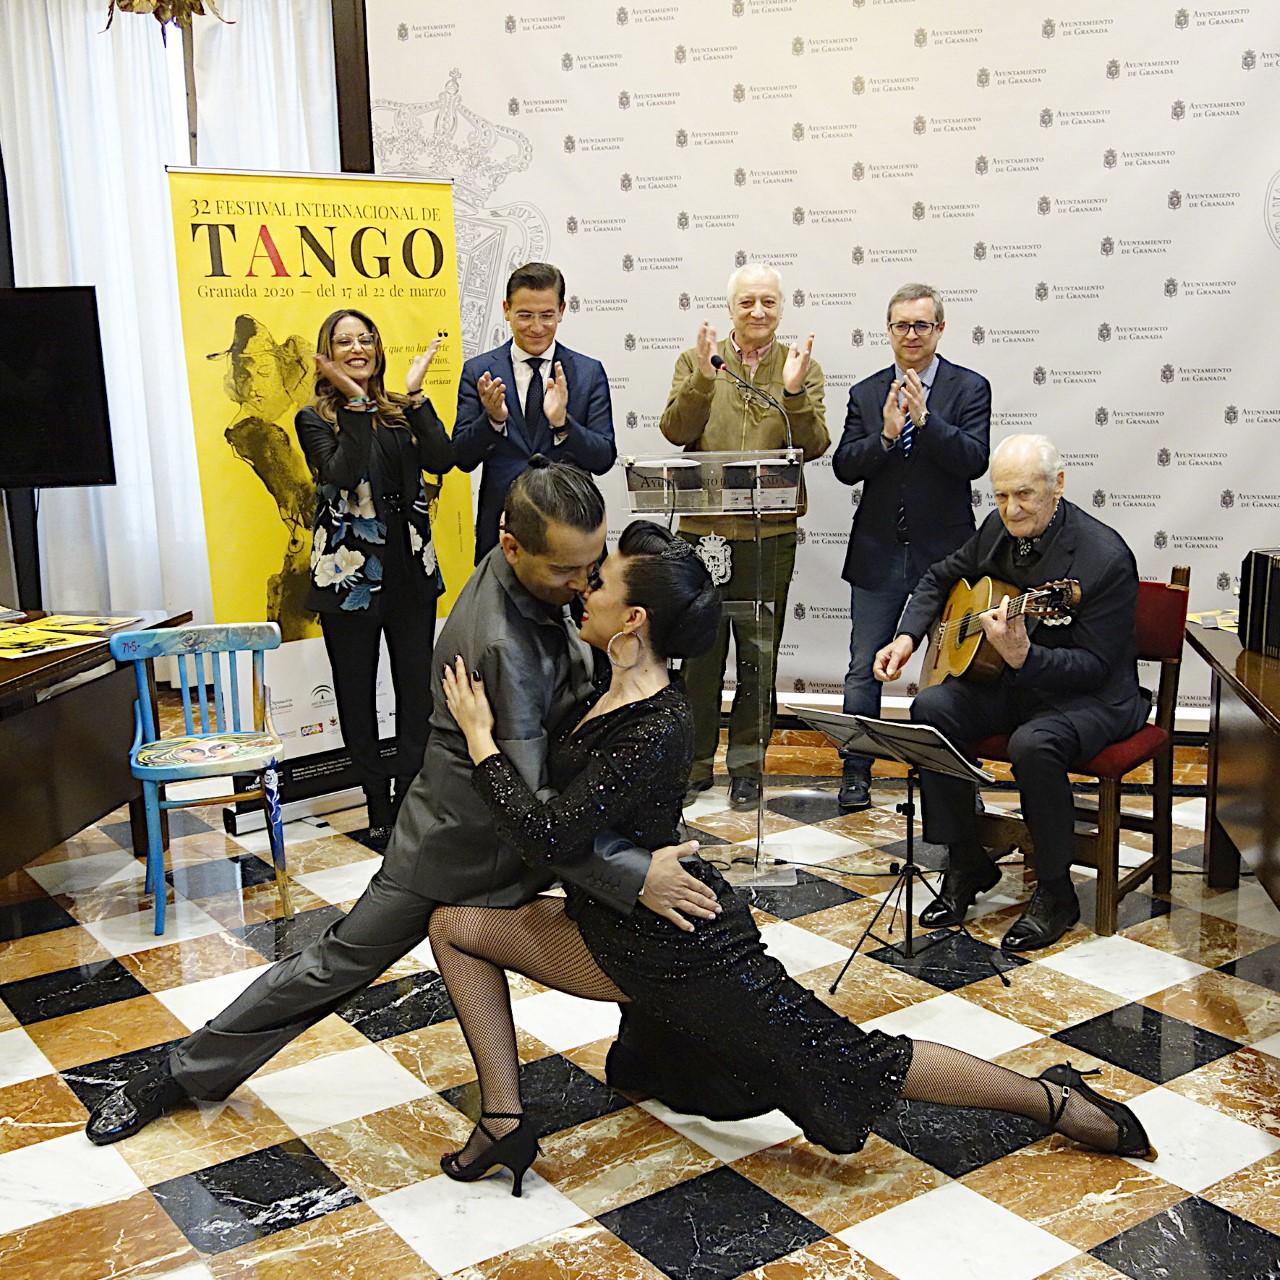 Ernesto Alterio, Jorge pardo y la Orquesta y Coro de la UGR en el Féstival de Tango de 2020